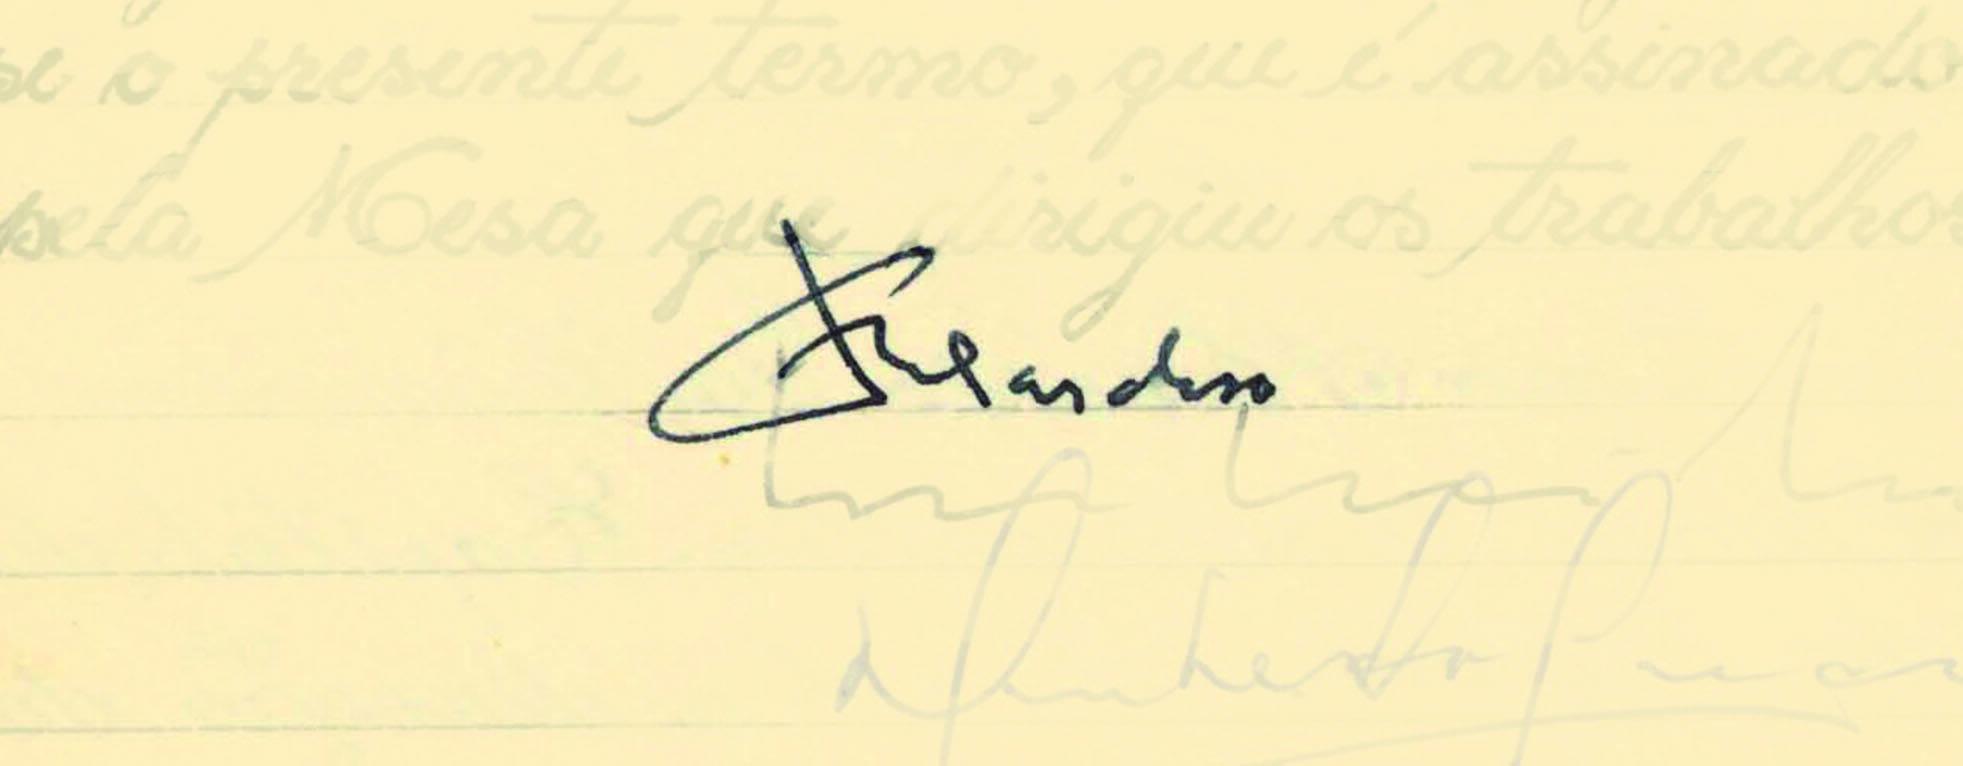 Fernando Henrique Cardoso sucedeu Itamar Franco em 1995 e foi o primeiro a ser reeleito, em 1998. Foto: Reprodução / Senado Federal